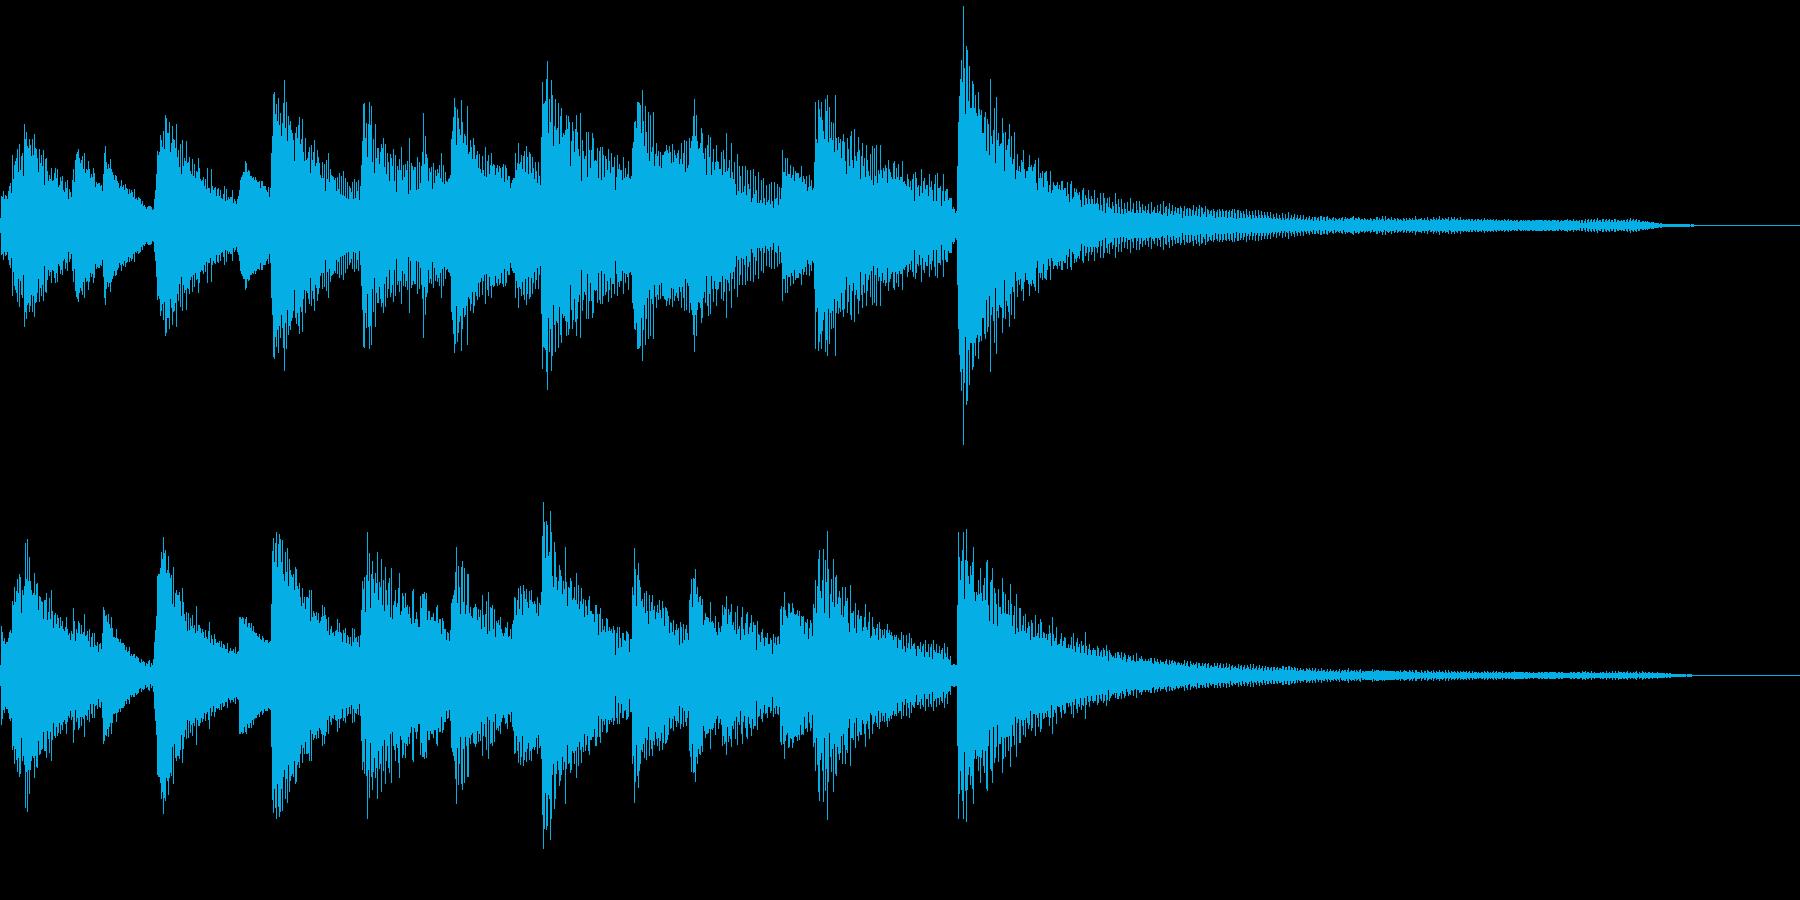 ピアノ生演奏 CM ジングル 商業用ロゴの再生済みの波形